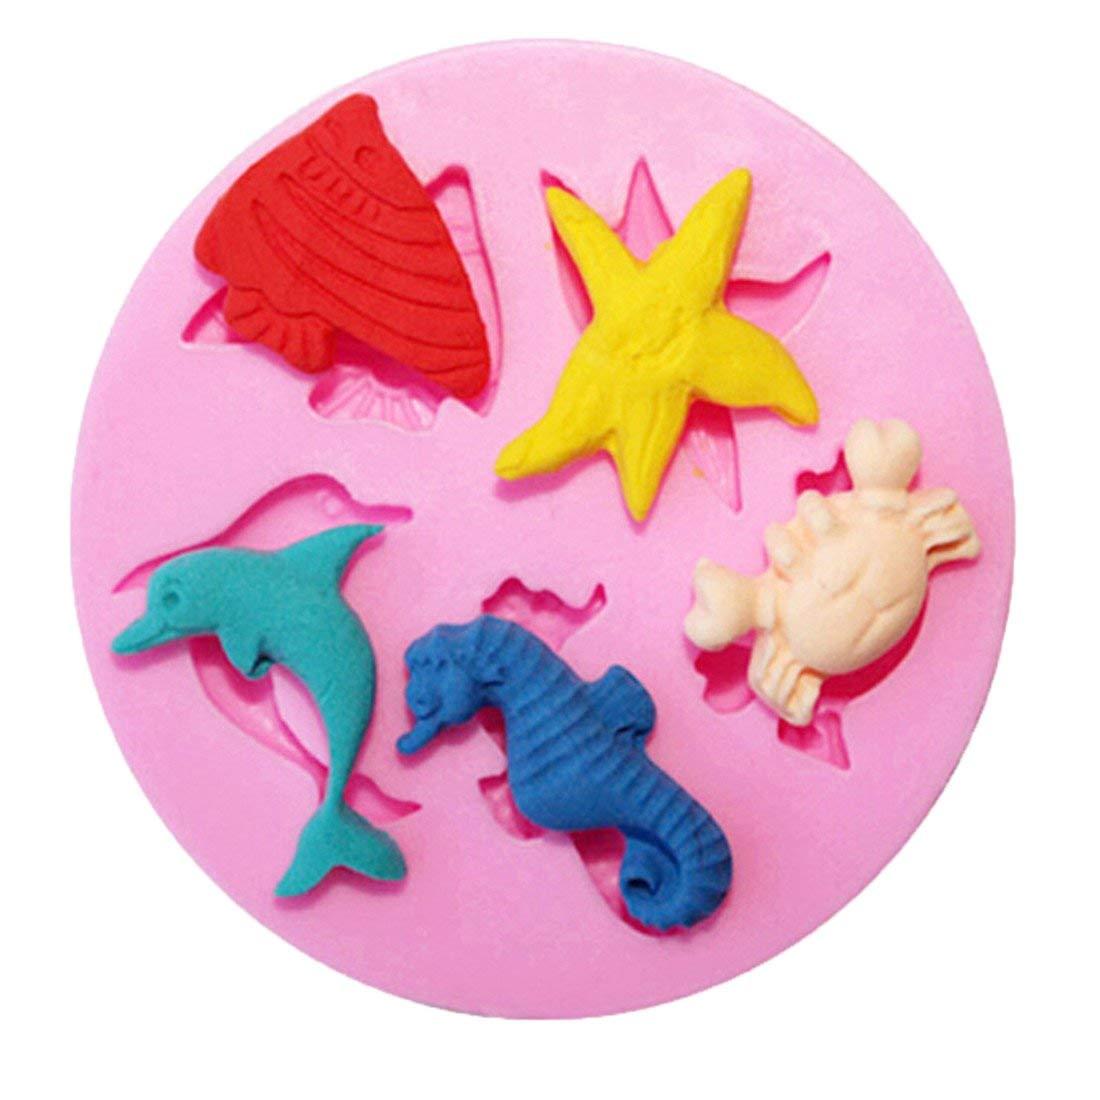 Edtoy Pink Marine Animals Shaped Silicone Cake Mold Chocolate Sugarcraft Decorating Tool